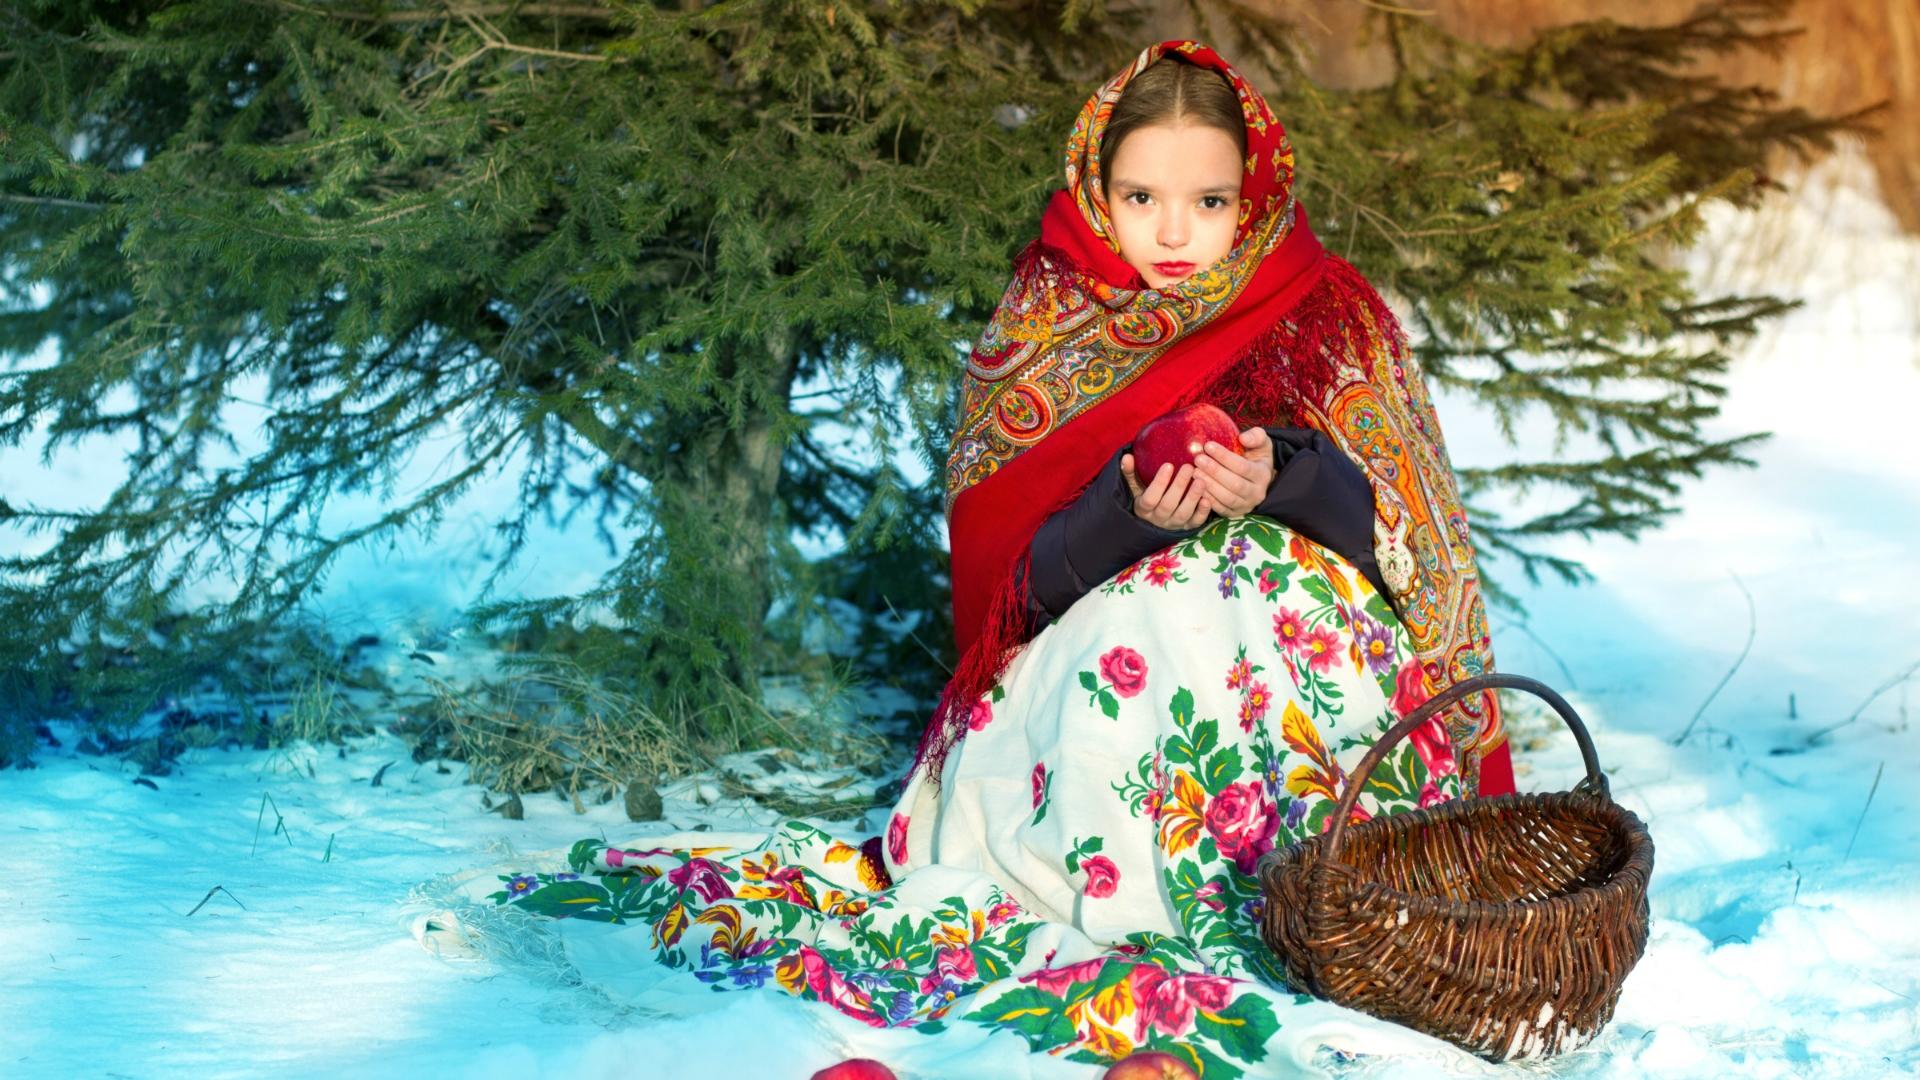 russian beauty wallpaper